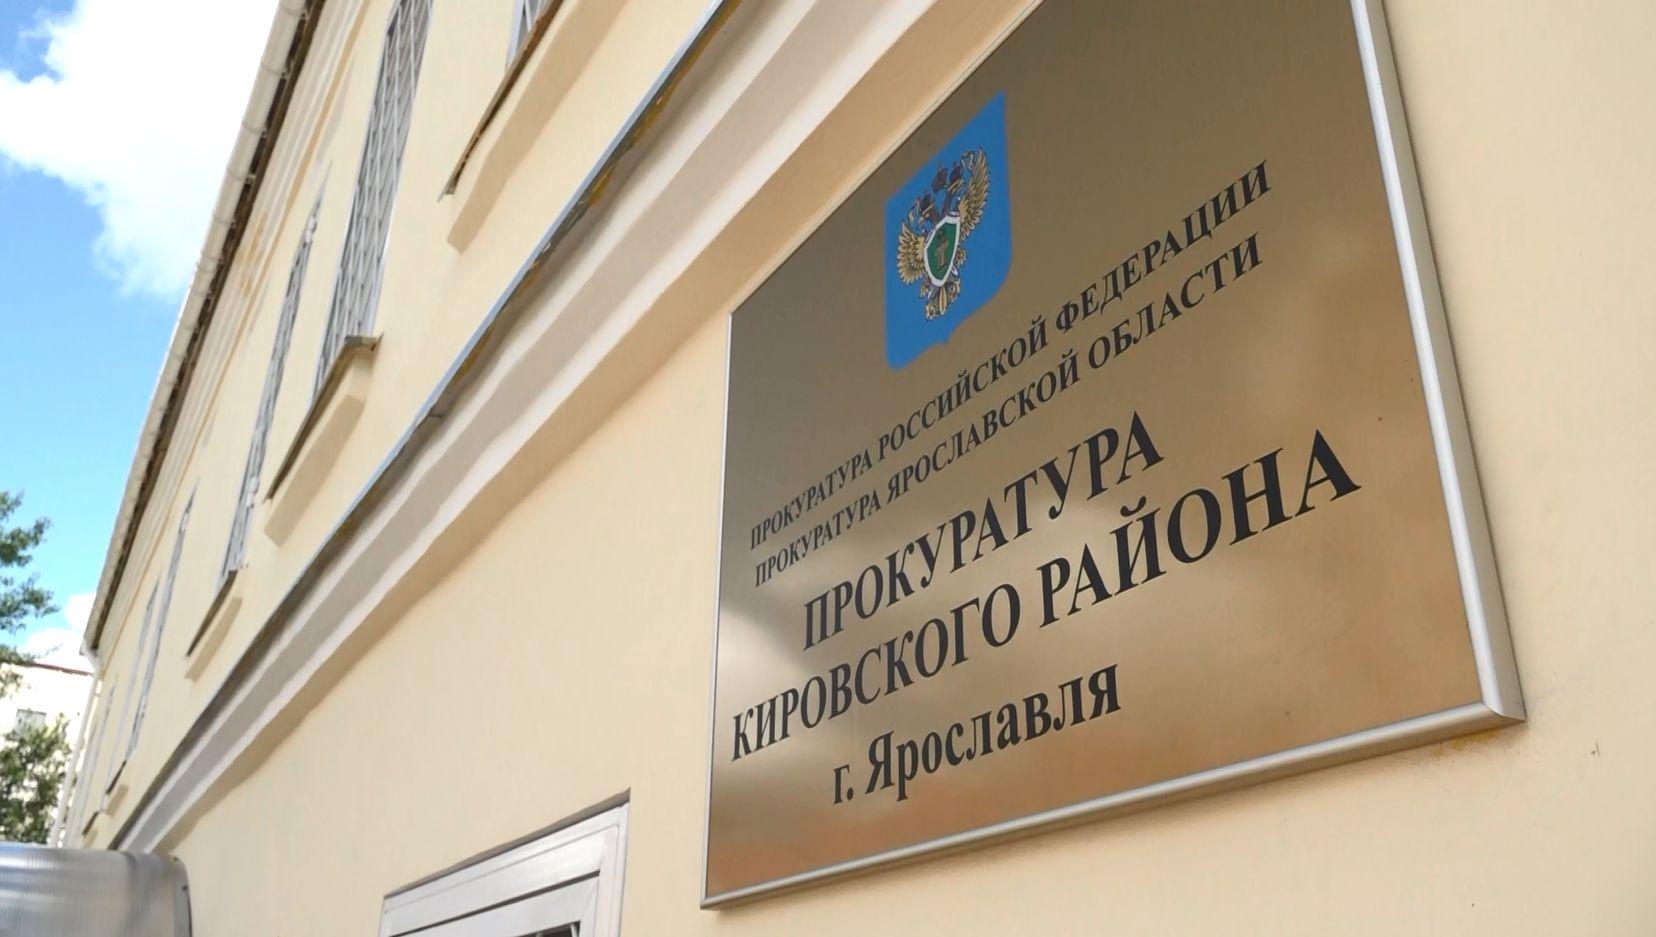 В Ярославле сотрудницу банка обвиняют в присвоении денег клиента